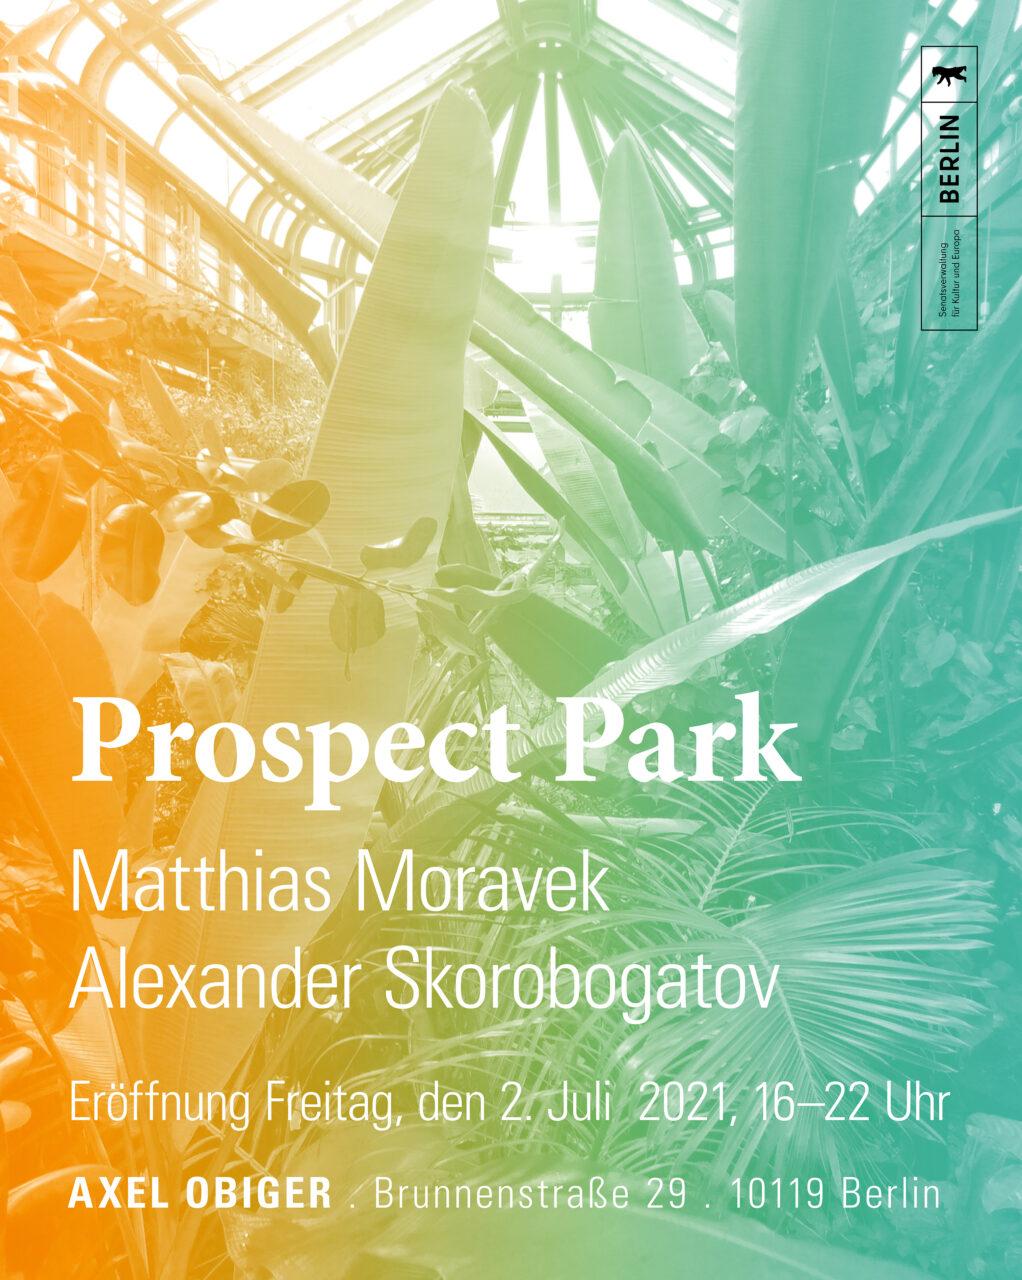 Opening PROSPECT PARK: MATTHIAS MORAVEK & ALEXANDER SKOROBOGATOV image